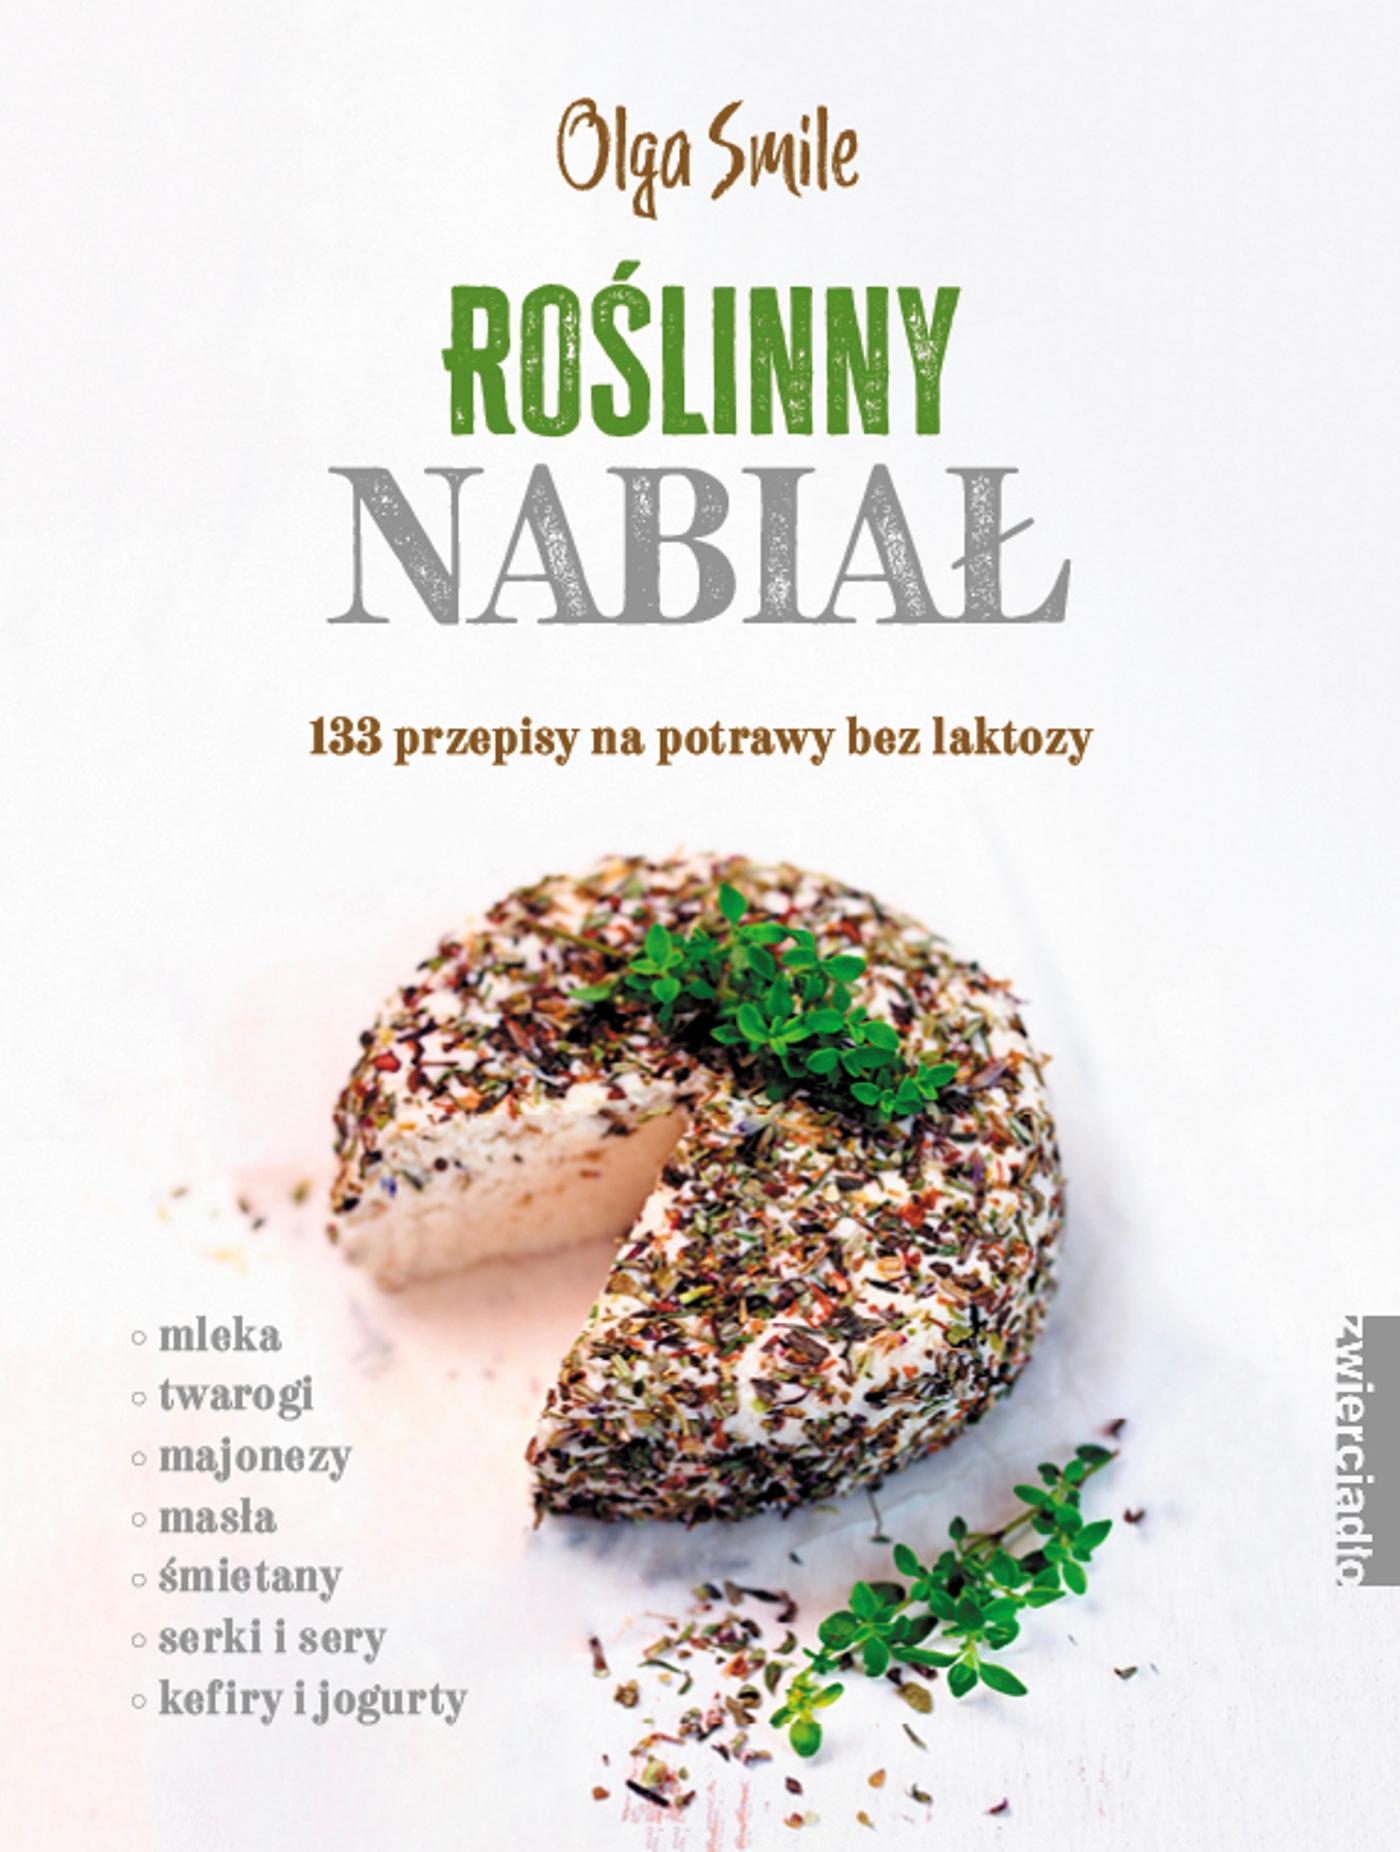 Roślinny nabiał. 133 przepisy na potrawy bez laktozy - Olga Smile